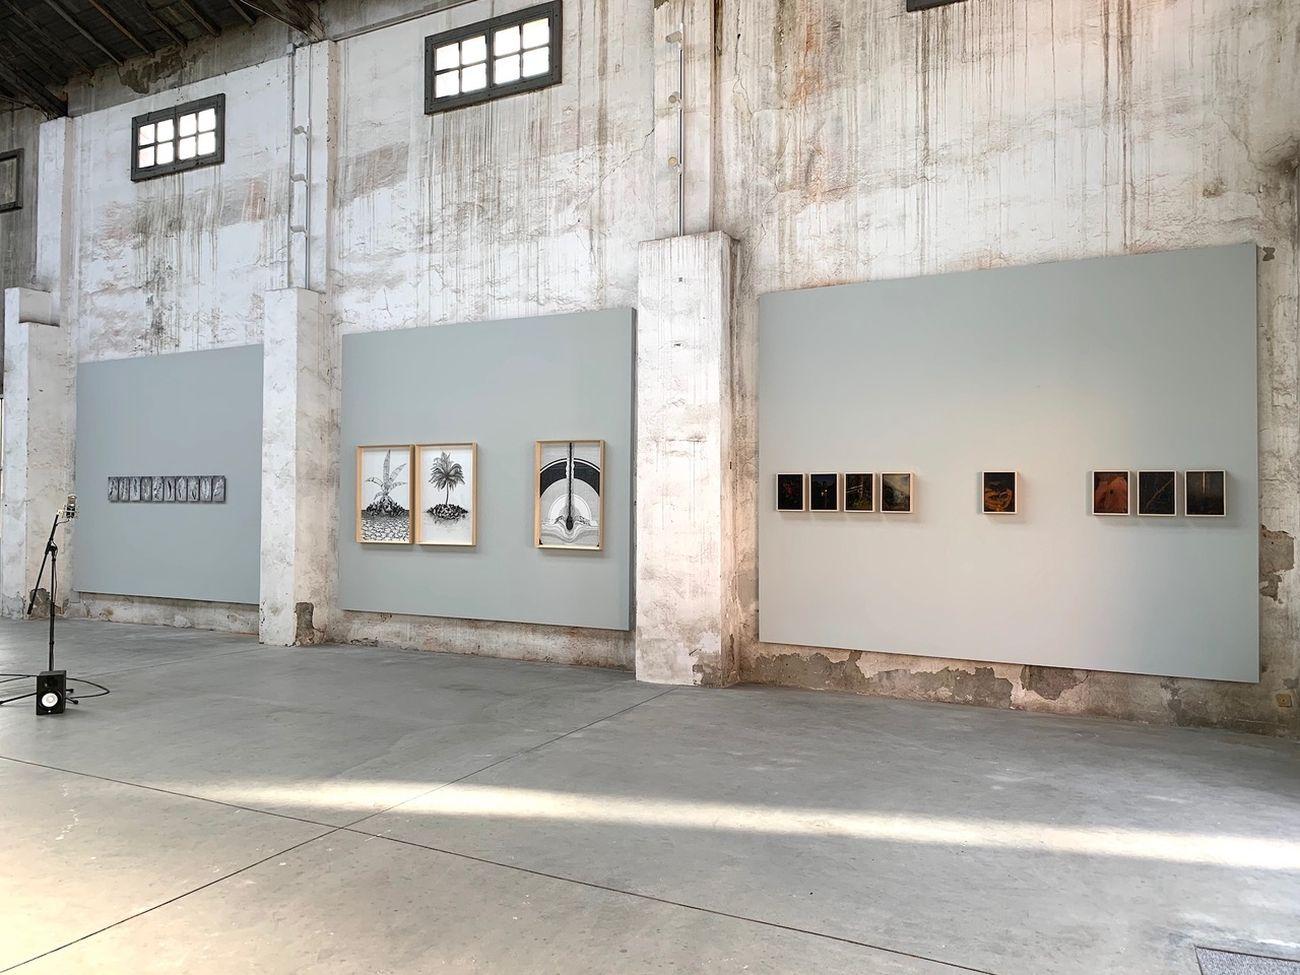 Natura risponde. Exhibition view at Spazio 21, Lodi 2021